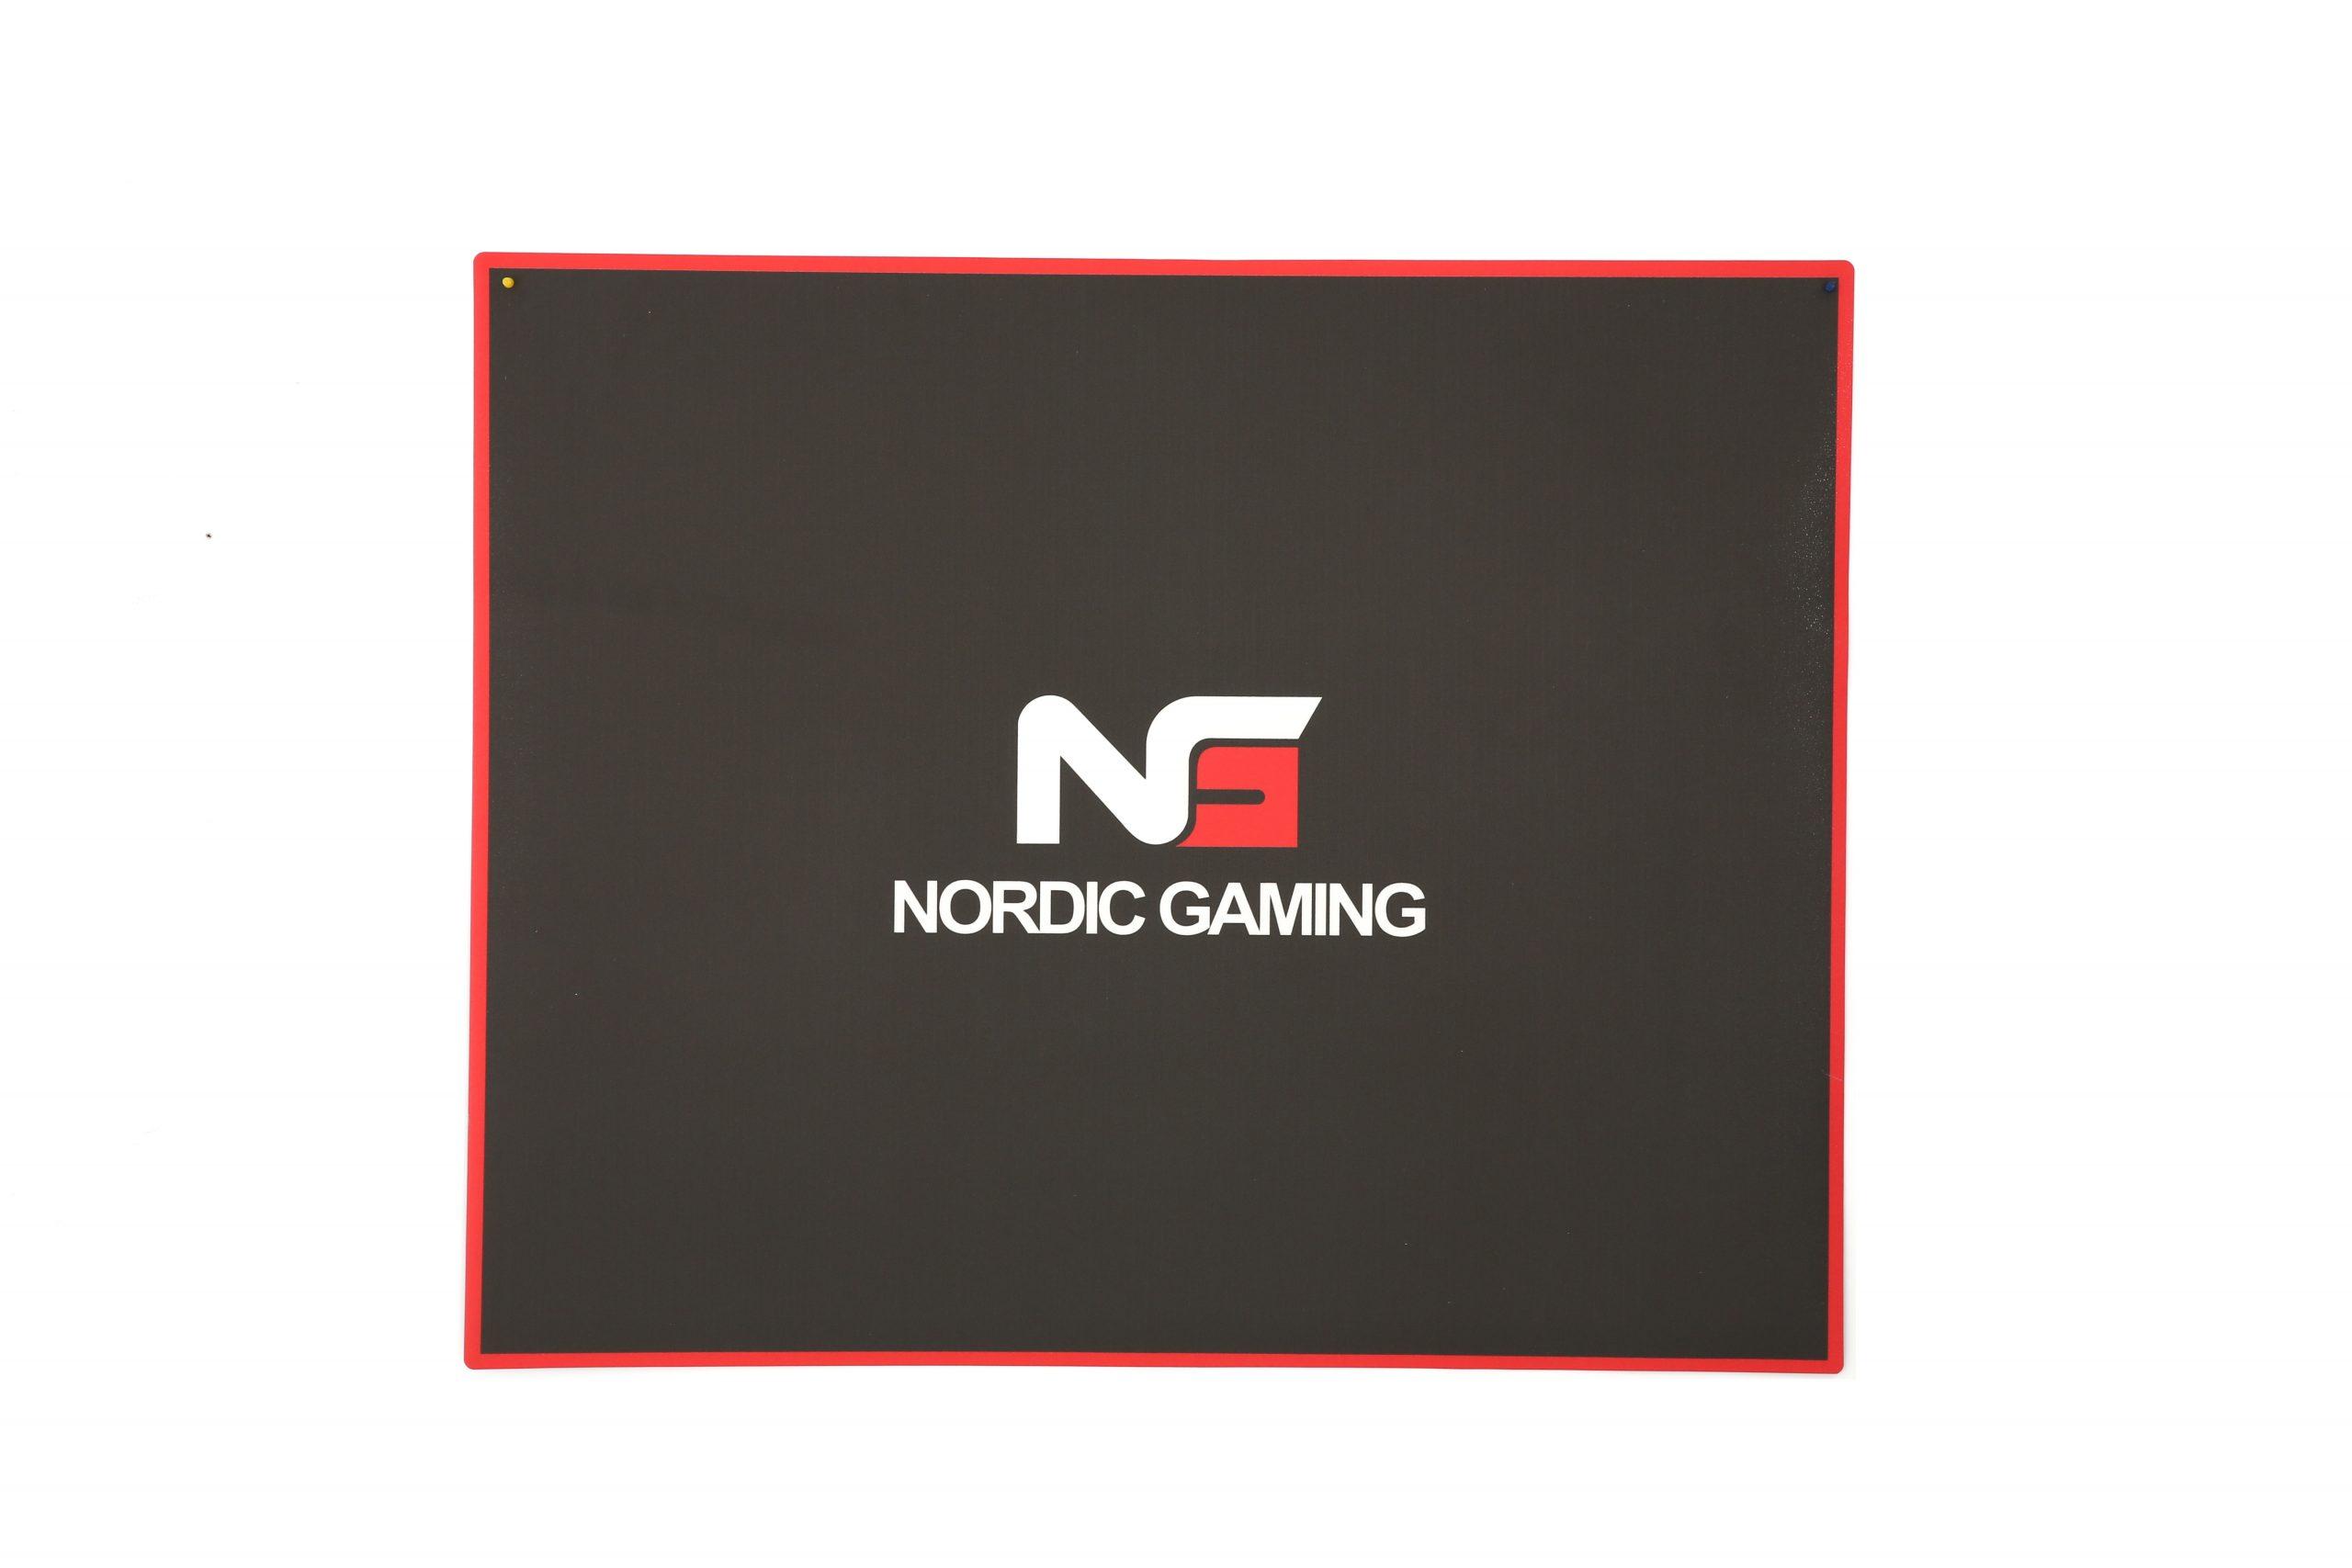 Nordic Gaming Guardian Golvmatta - Svart/röd